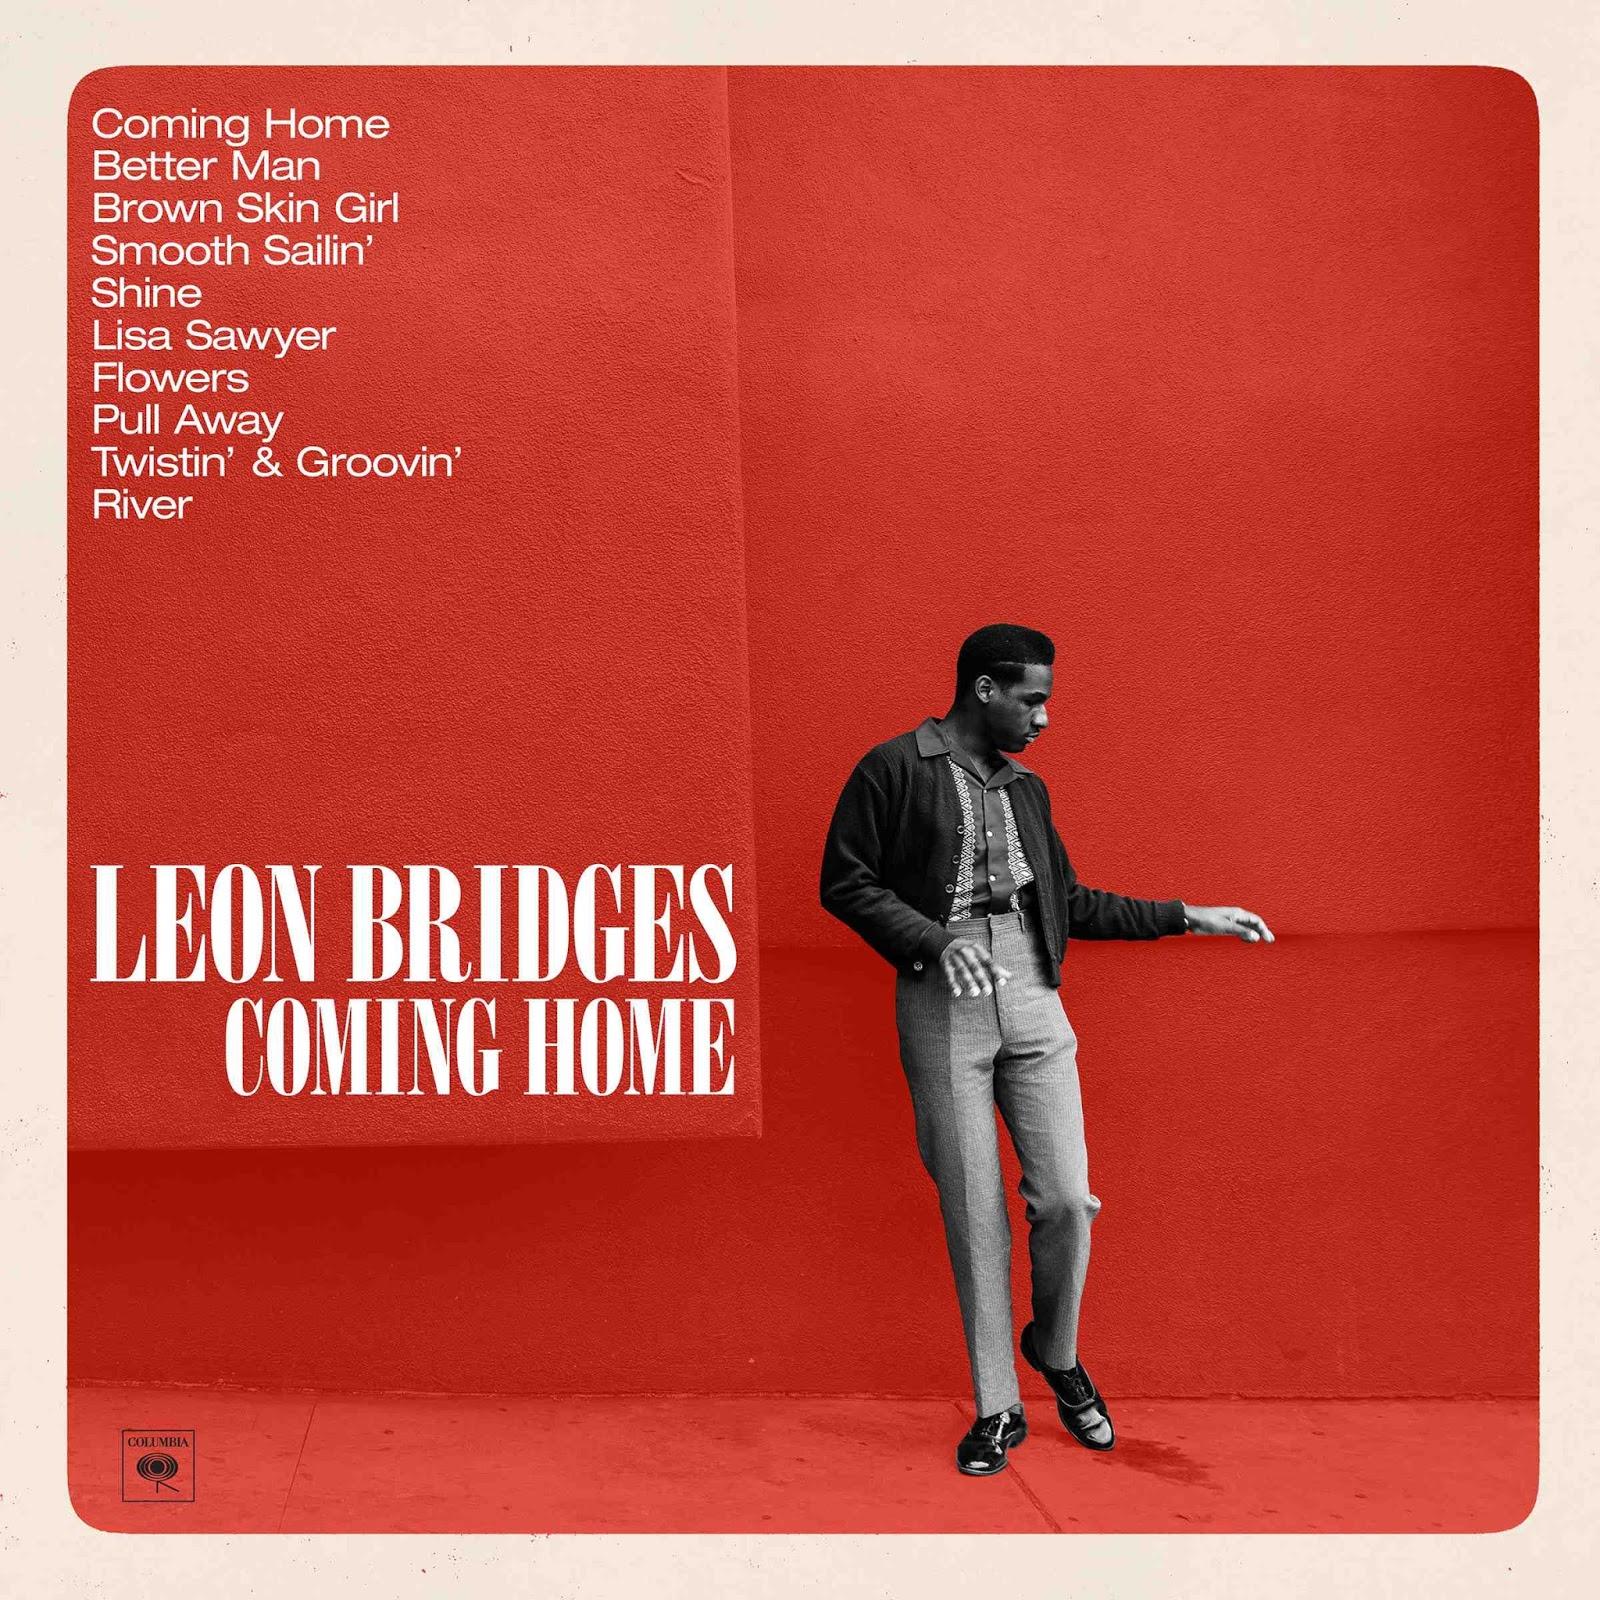 Leon-Bridges-Coming-Home-Album-Cover-Art